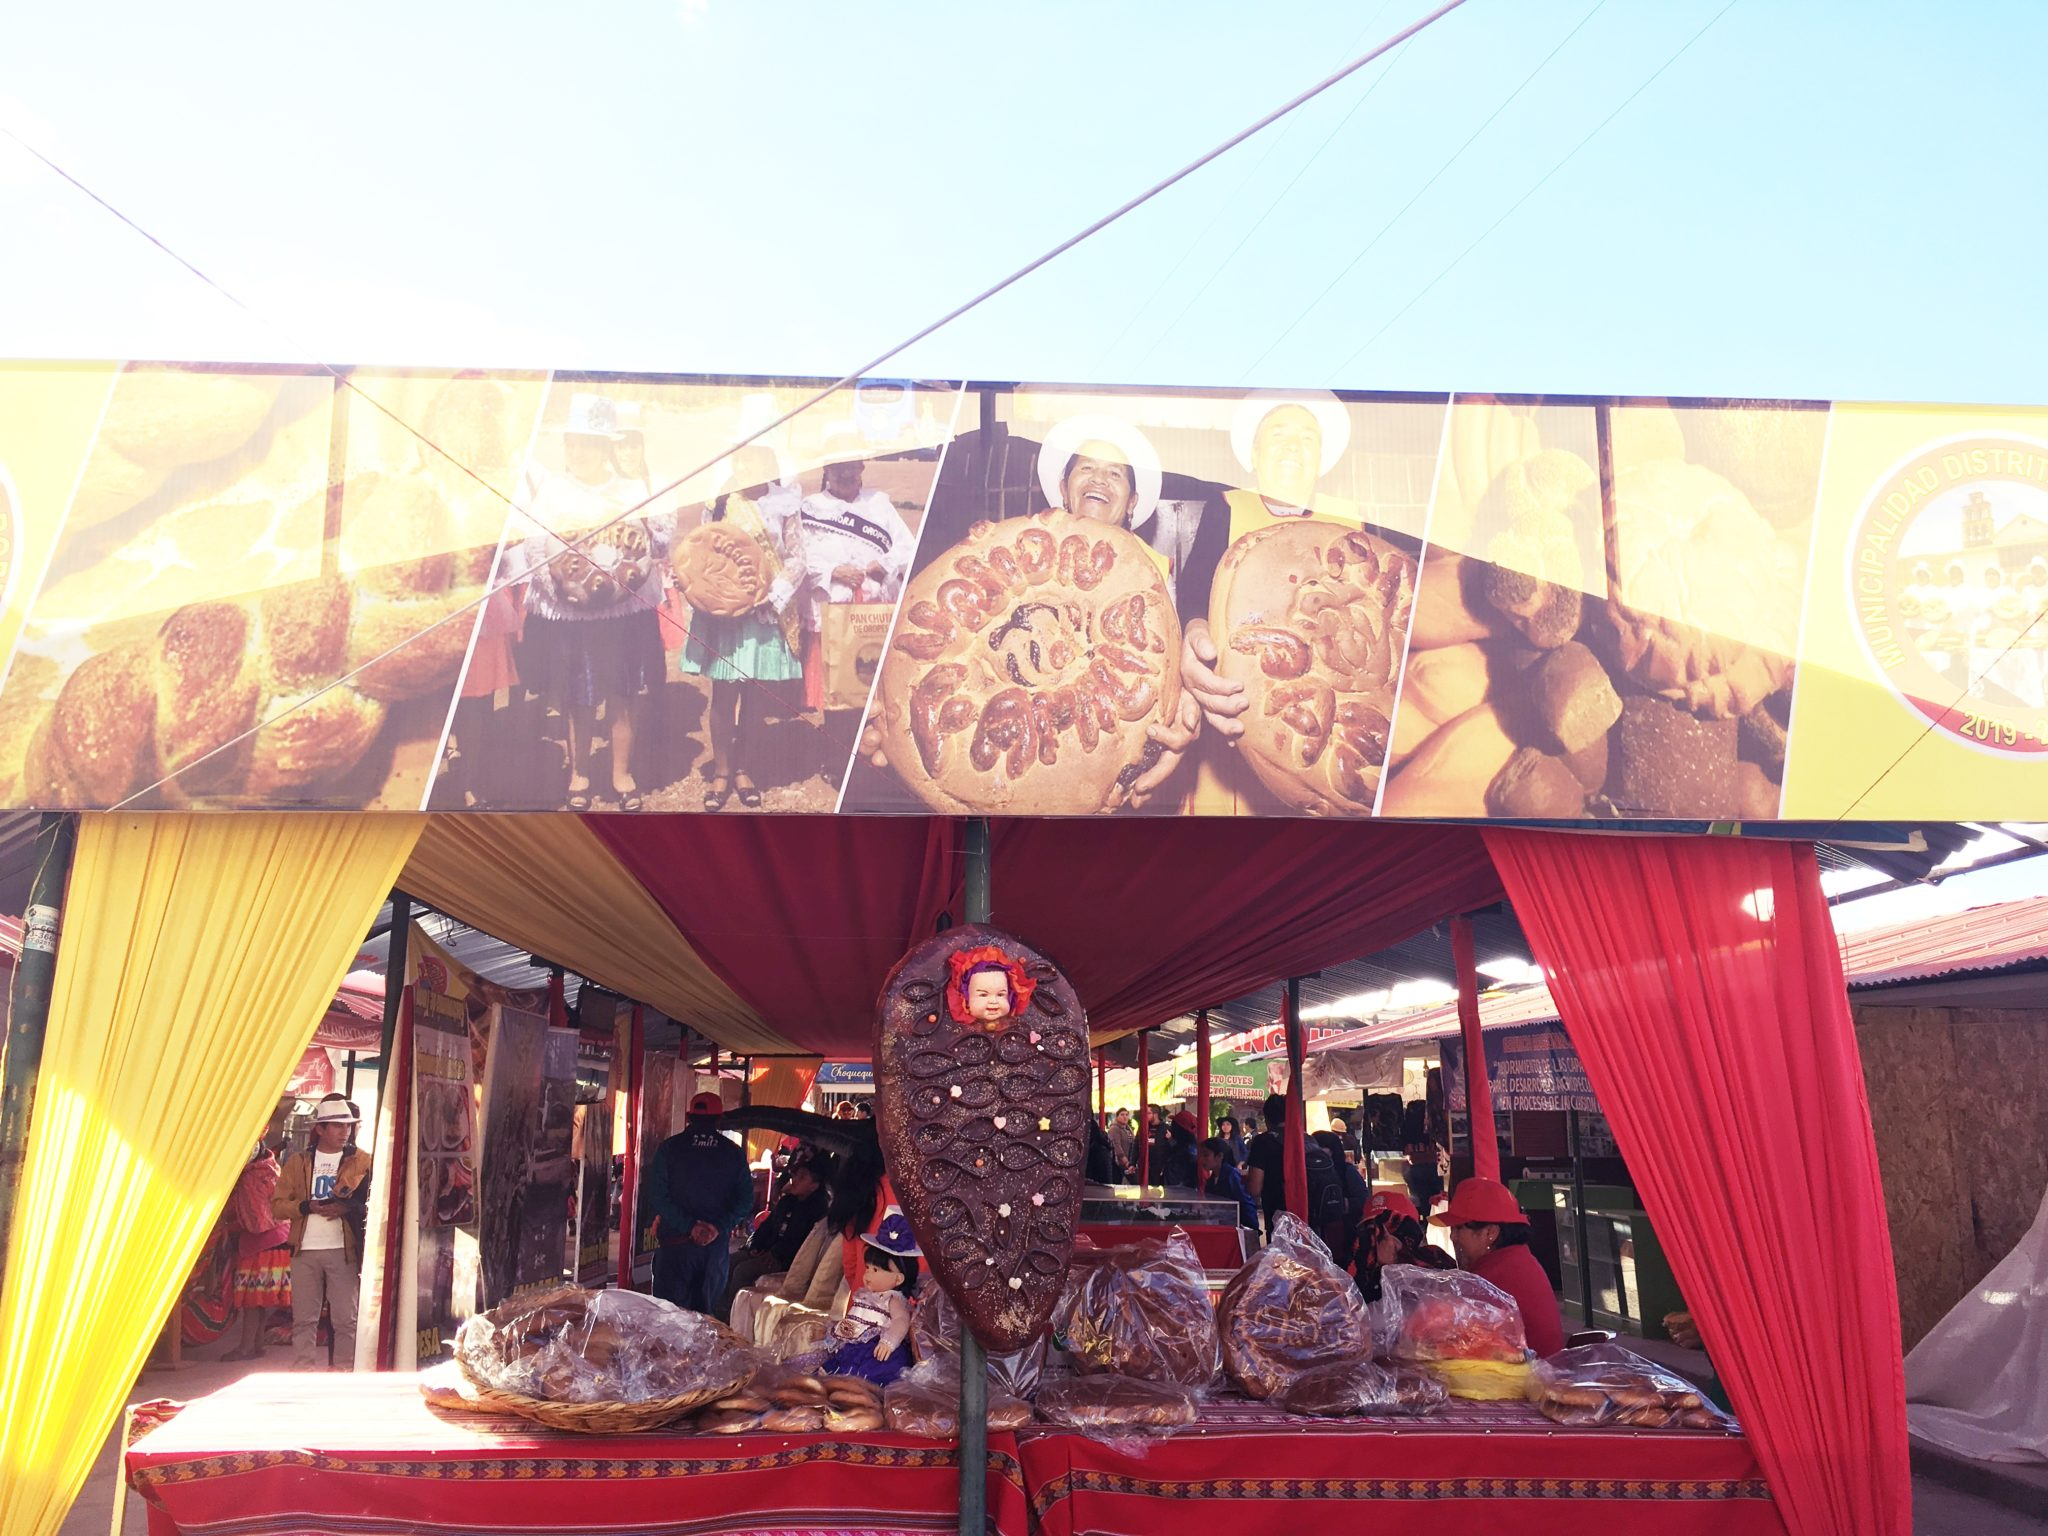 ペルー, クスコ, Huancaro, Feria, Mistura, ミストゥーラ